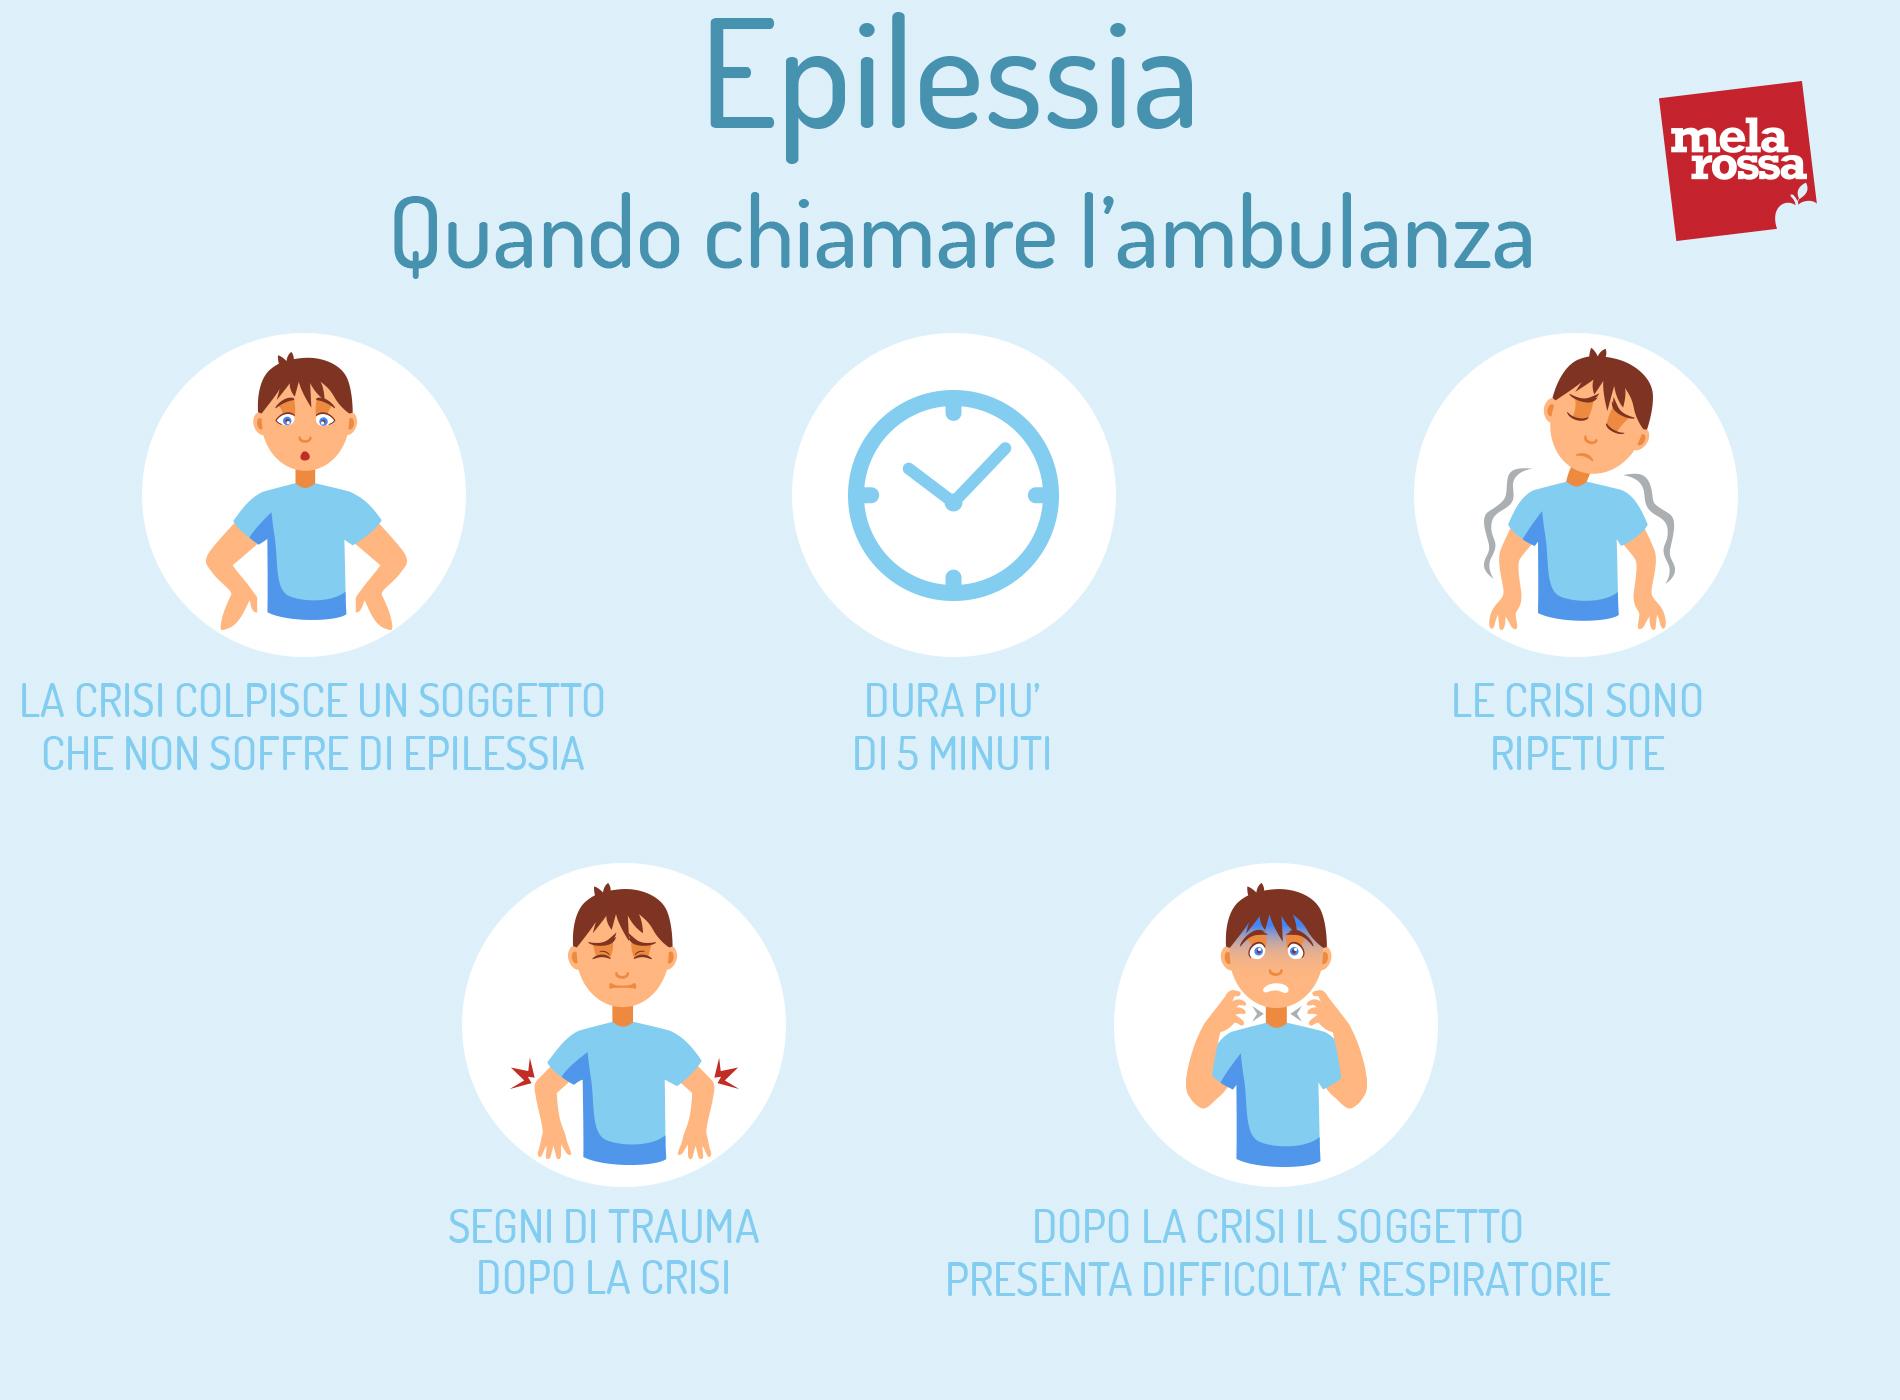 epilessia: quando chiamare ambulanza